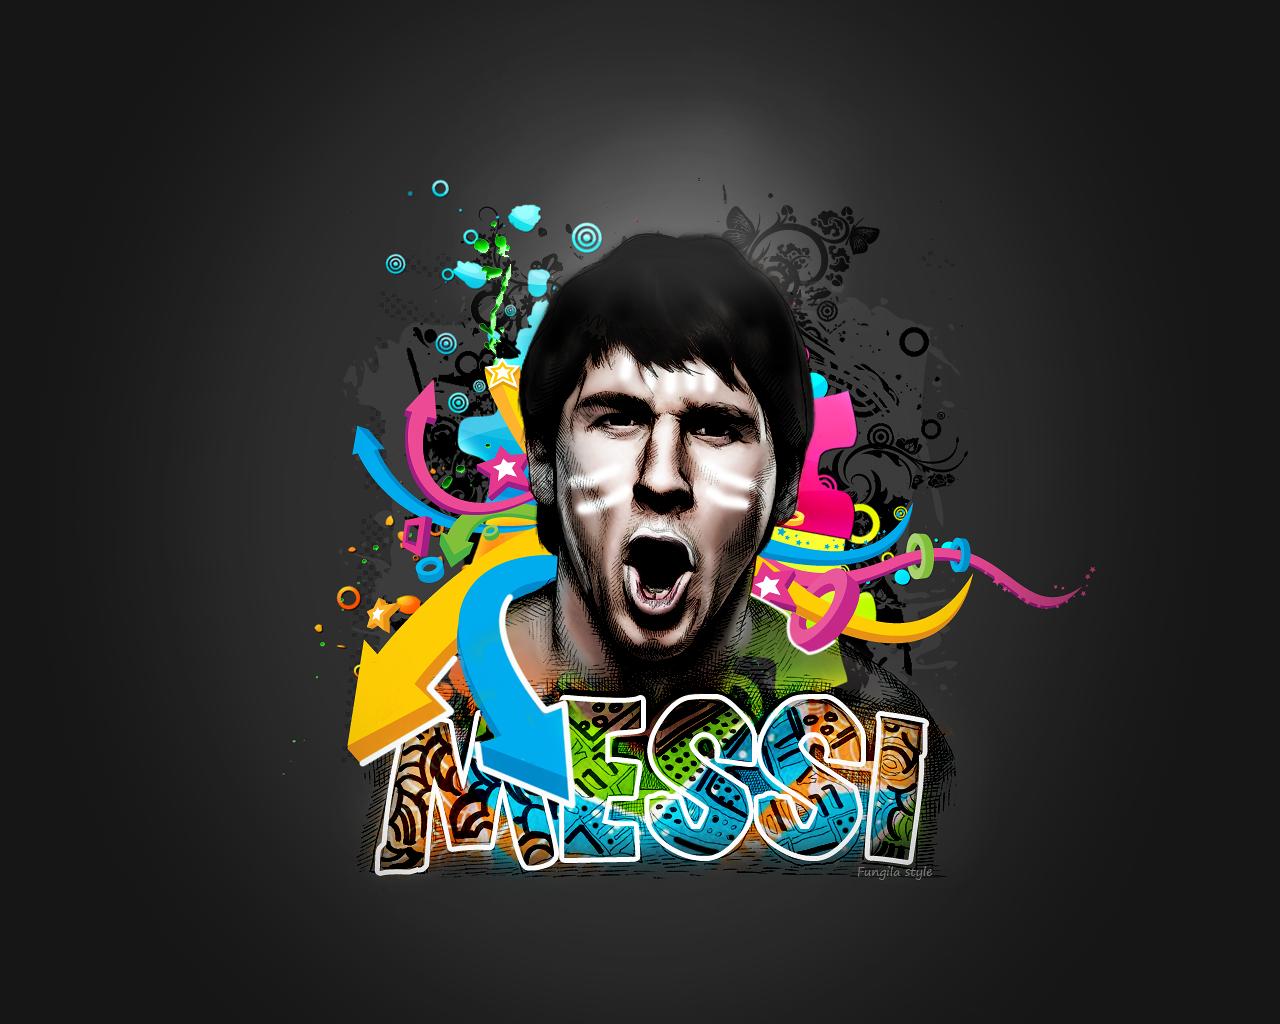 Description Lionel Messi Wallpaper is a hi res Wallpaper for pc 1280x1024